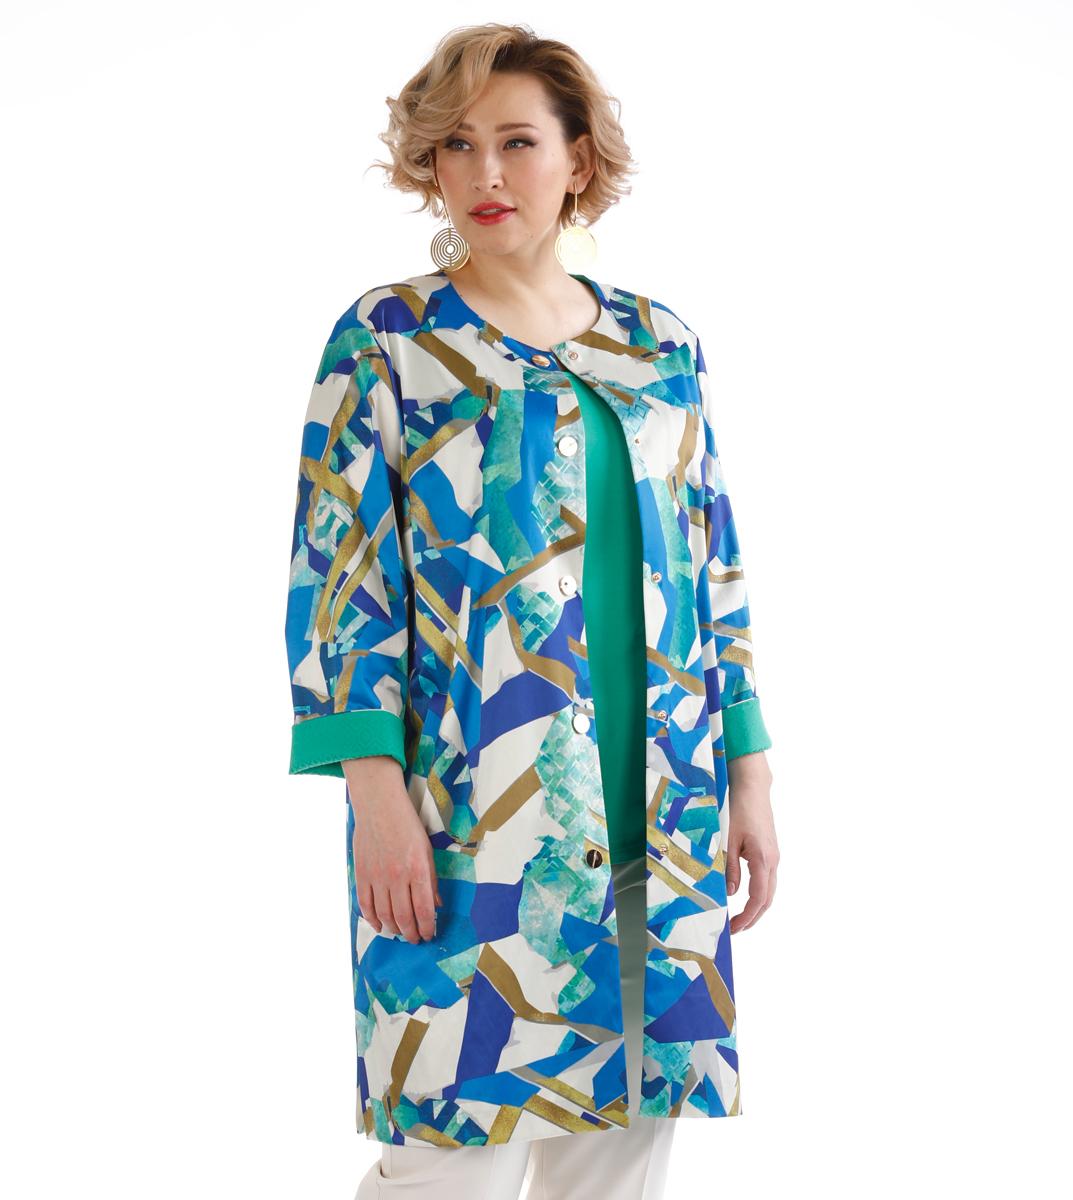 Пальто женское Averi, цвет: синий. 1462. Размер 64 (66) блузка женская averi цвет коралловый 1440 размер 64 66